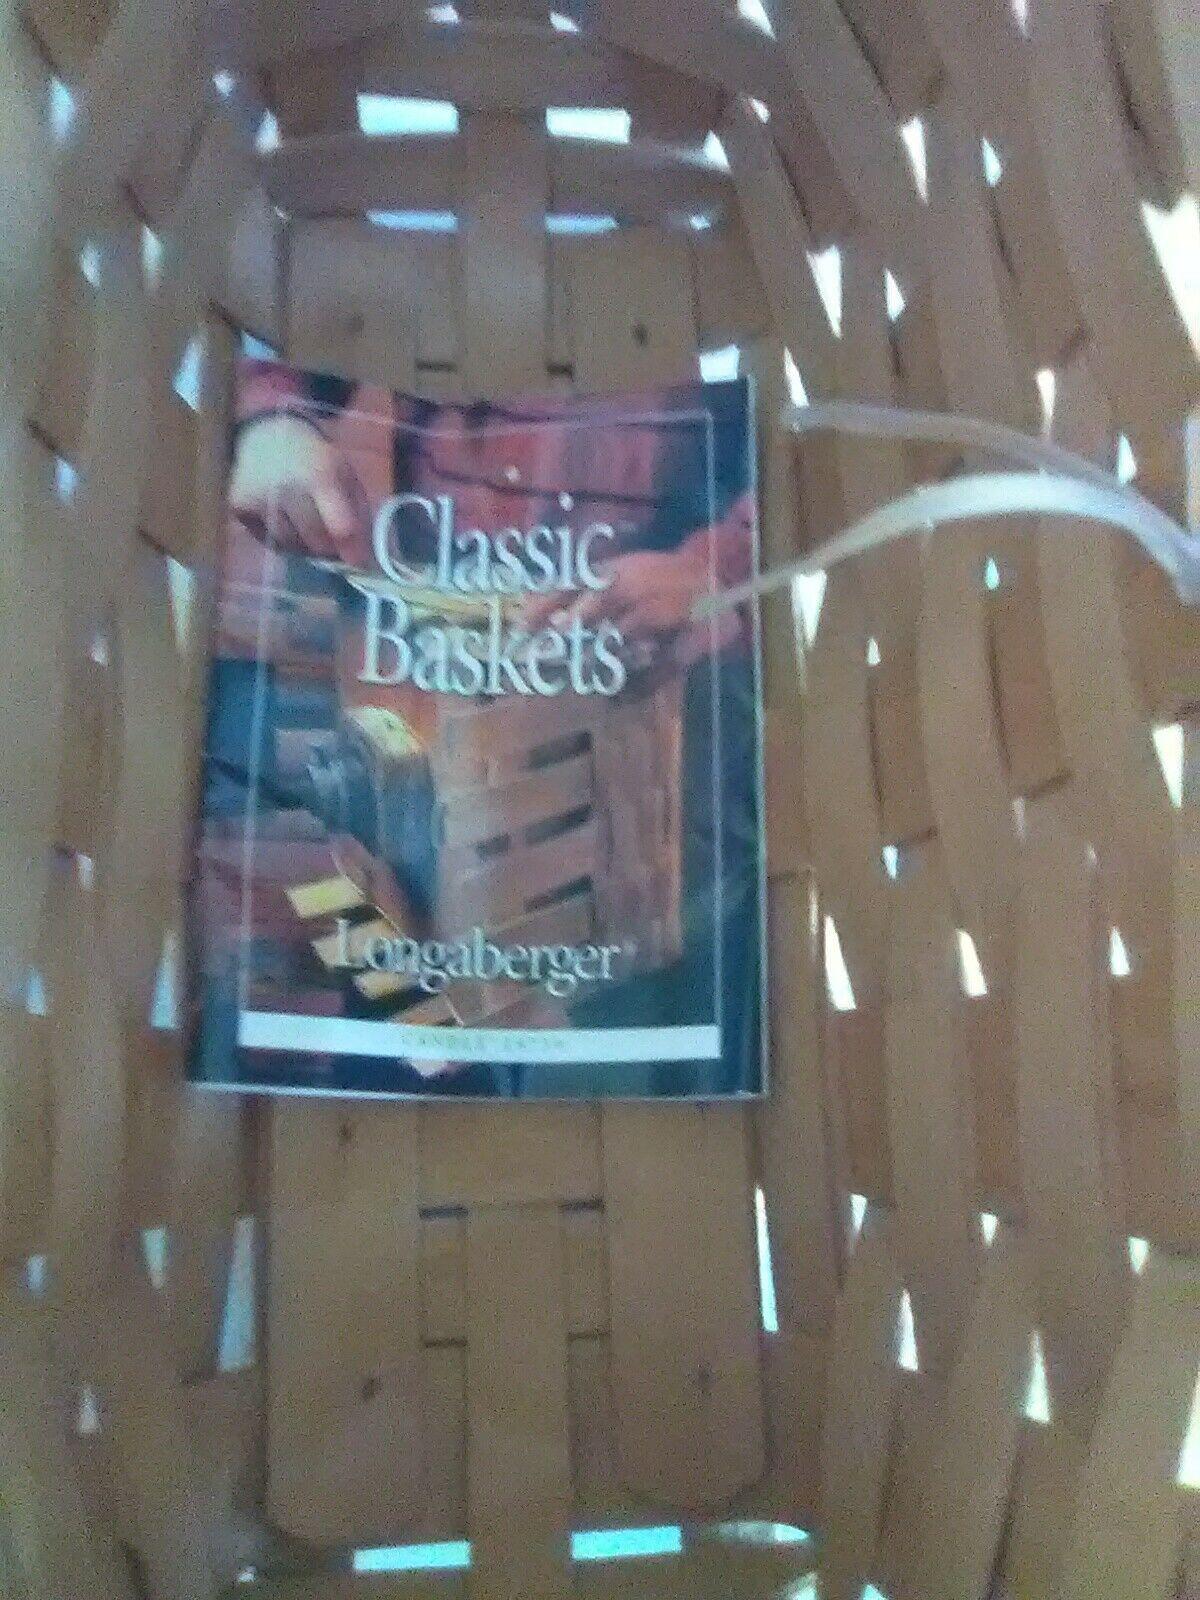 Longaberger Fixed Handle Candle Basket - 1999 image 3